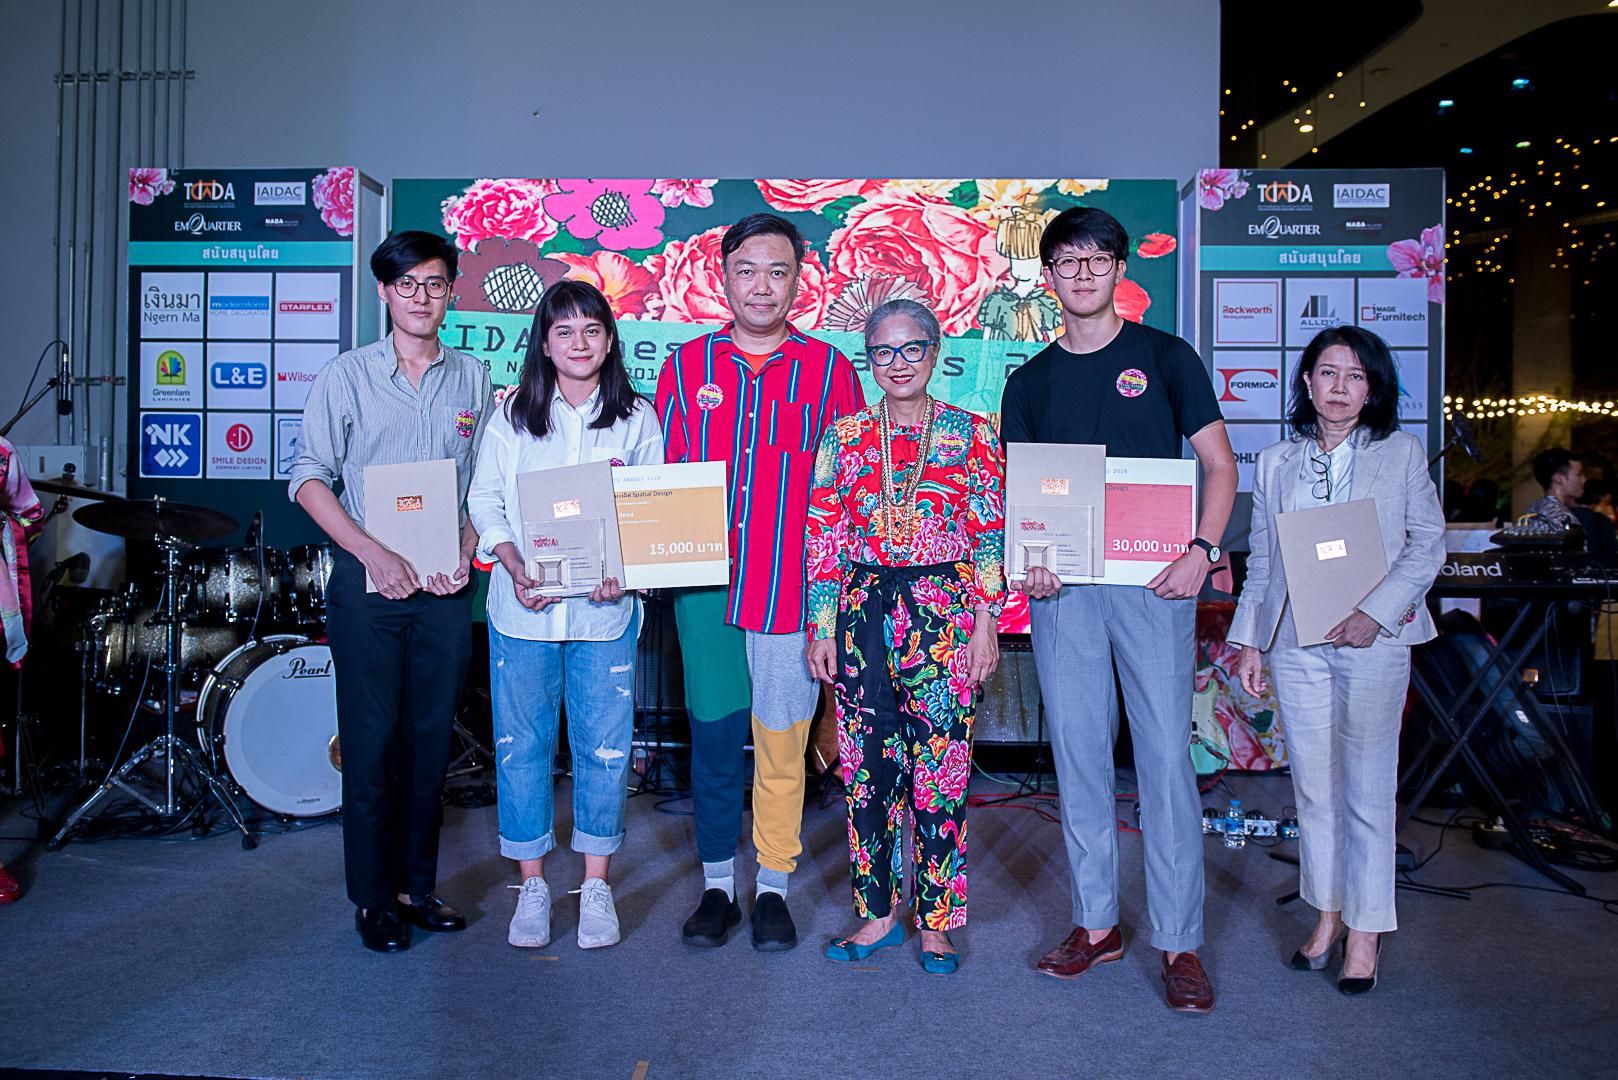 TIDA Thesis Award 2018 (ประกาศผล) & TIDA Night 2018